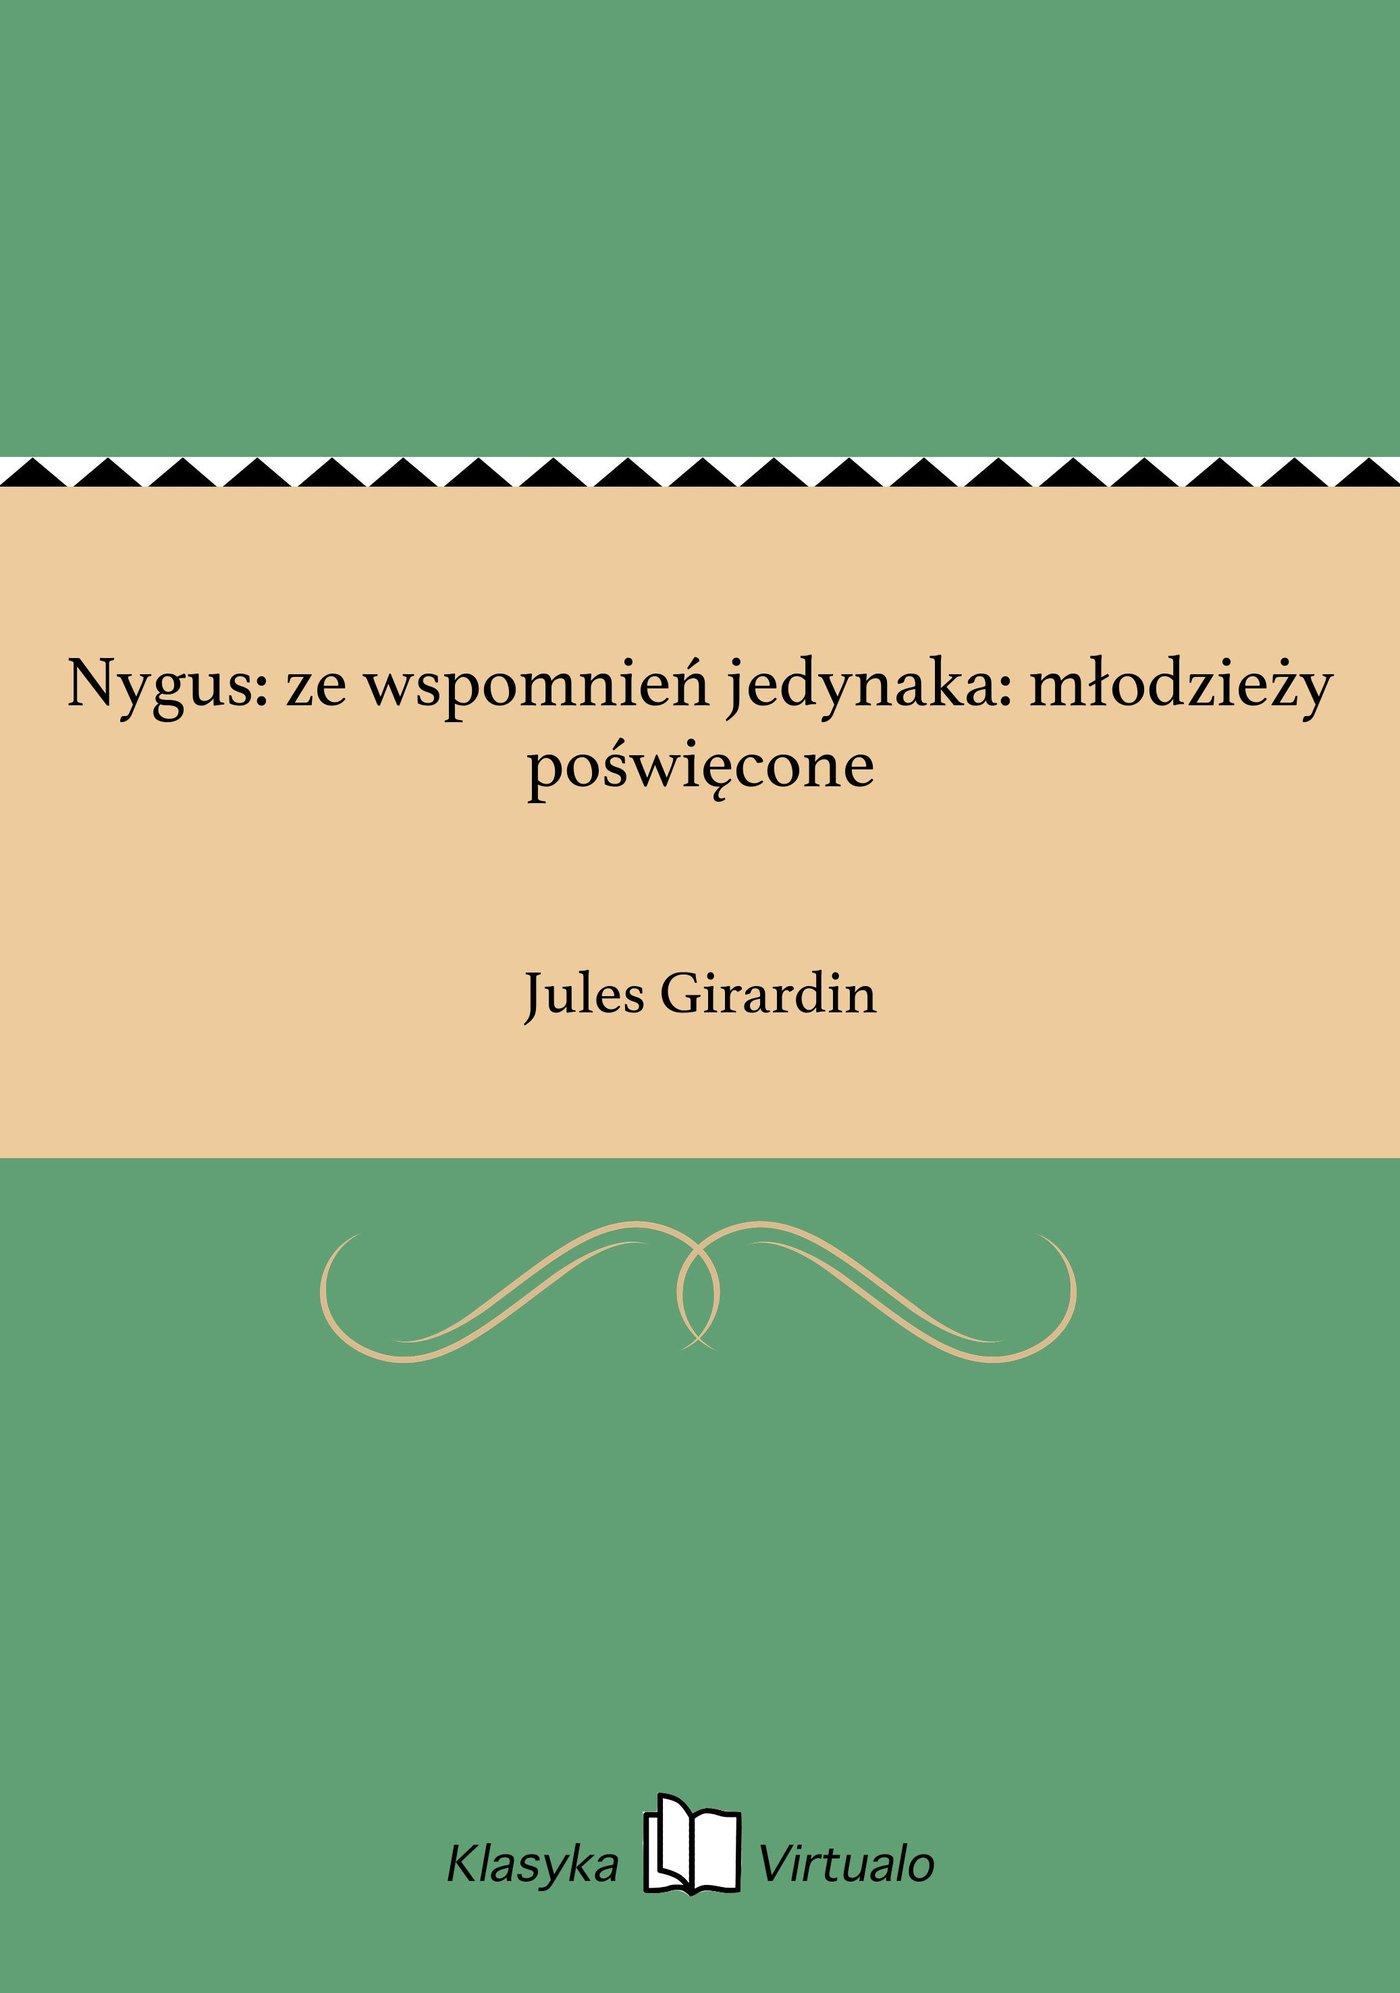 Nygus: ze wspomnień jedynaka: młodzieży poświęcone - Ebook (Książka EPUB) do pobrania w formacie EPUB